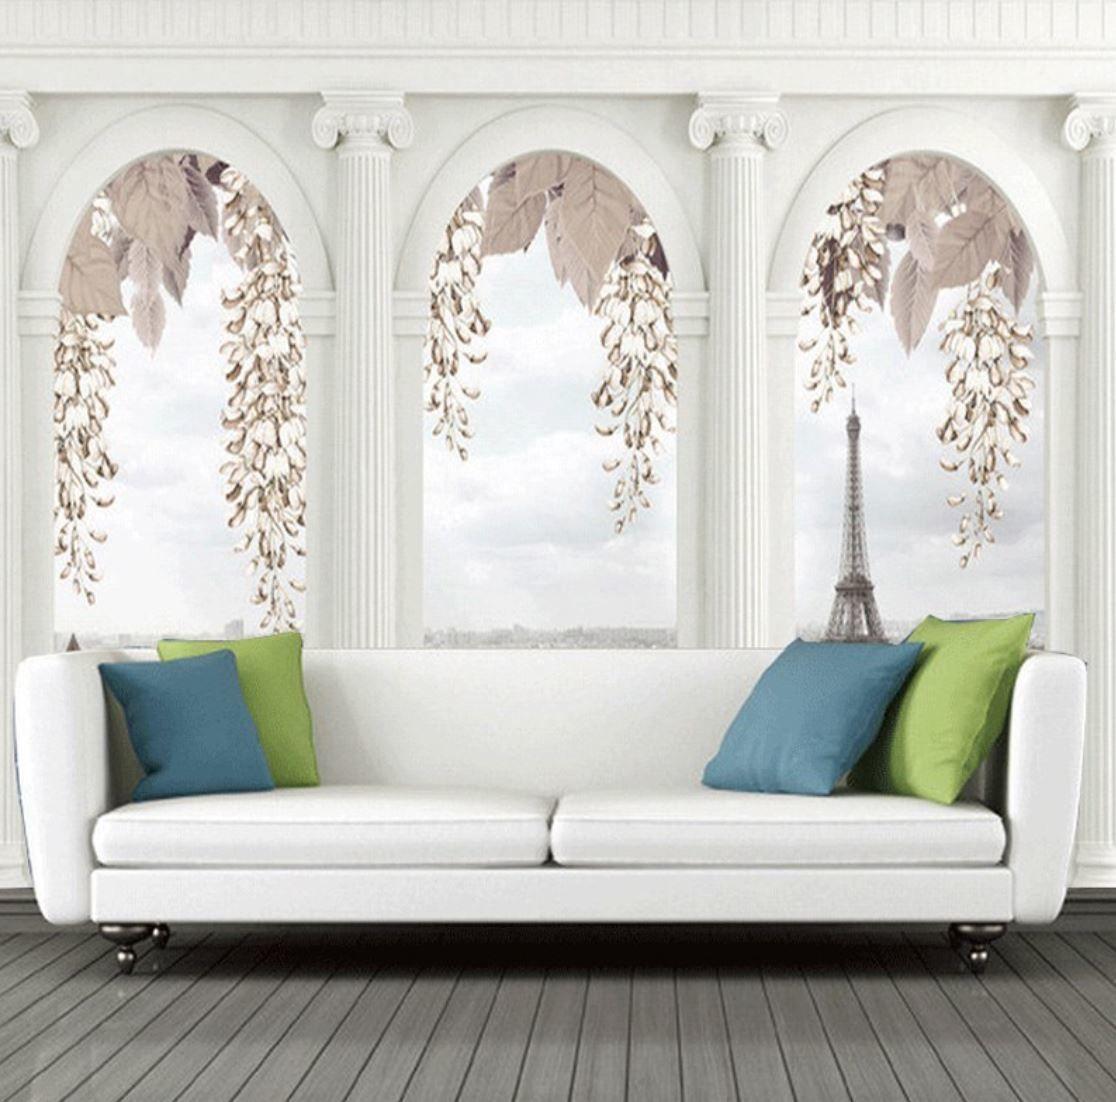 3d 壁紙 1ピース 1 窓からの景色 エッフェル塔 パリの街 インテリア 部屋装飾 耐水